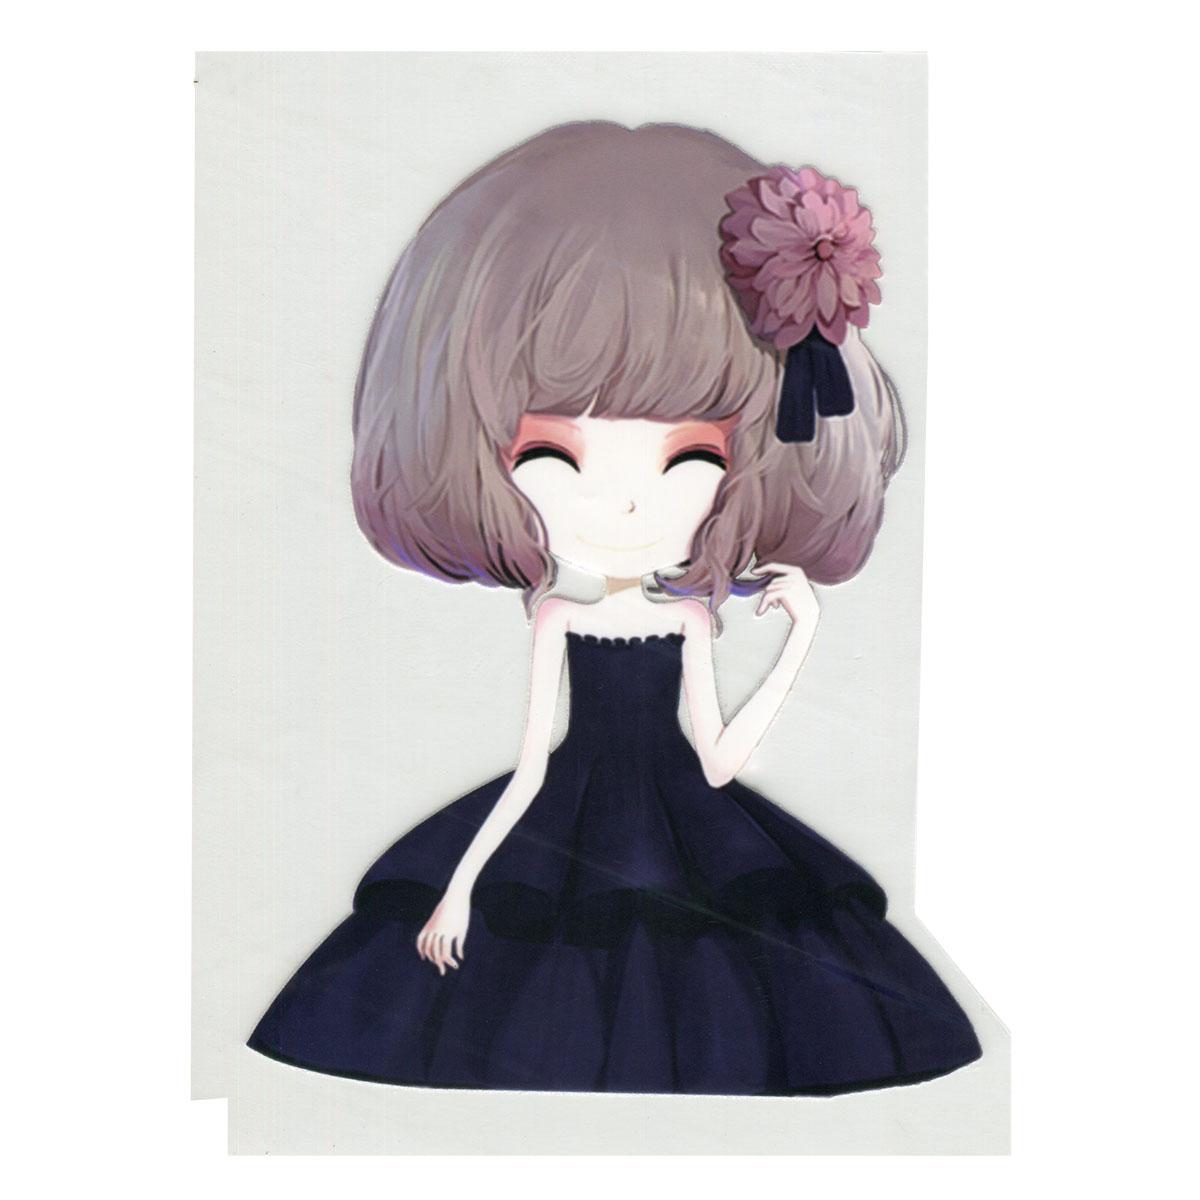 ALP-005 Термотрансфер 'Девочка в черном платье' 13*20см